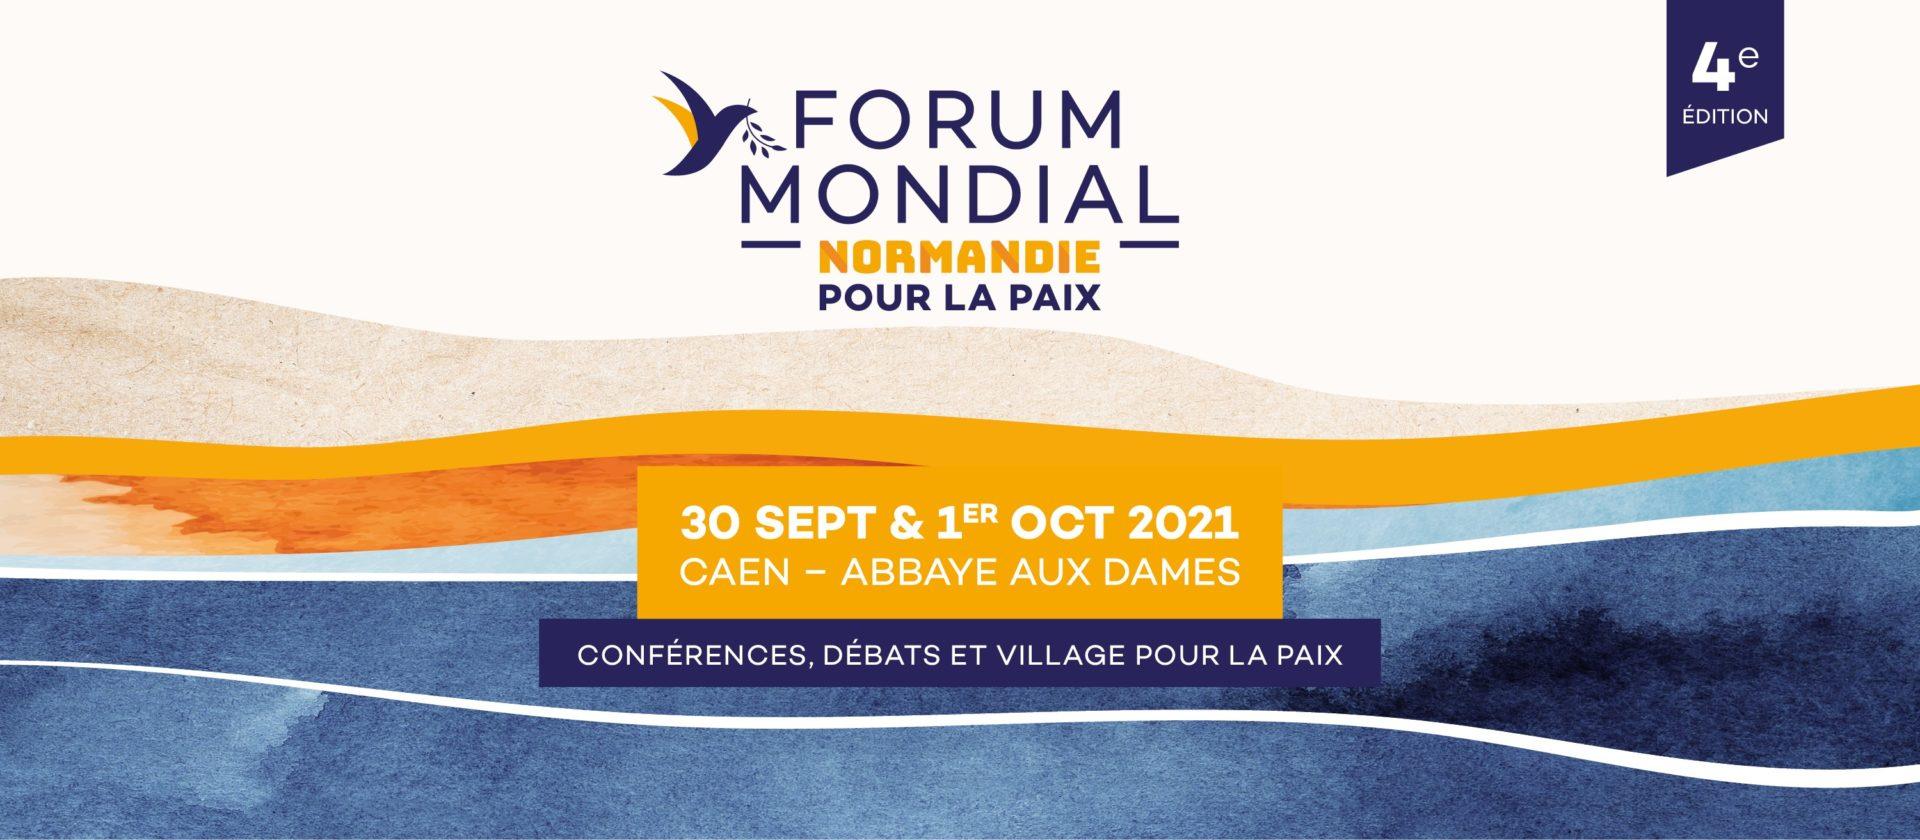 Forum mondial Normandie pour la Paix : 30 septembre et 1er octobre à Caen